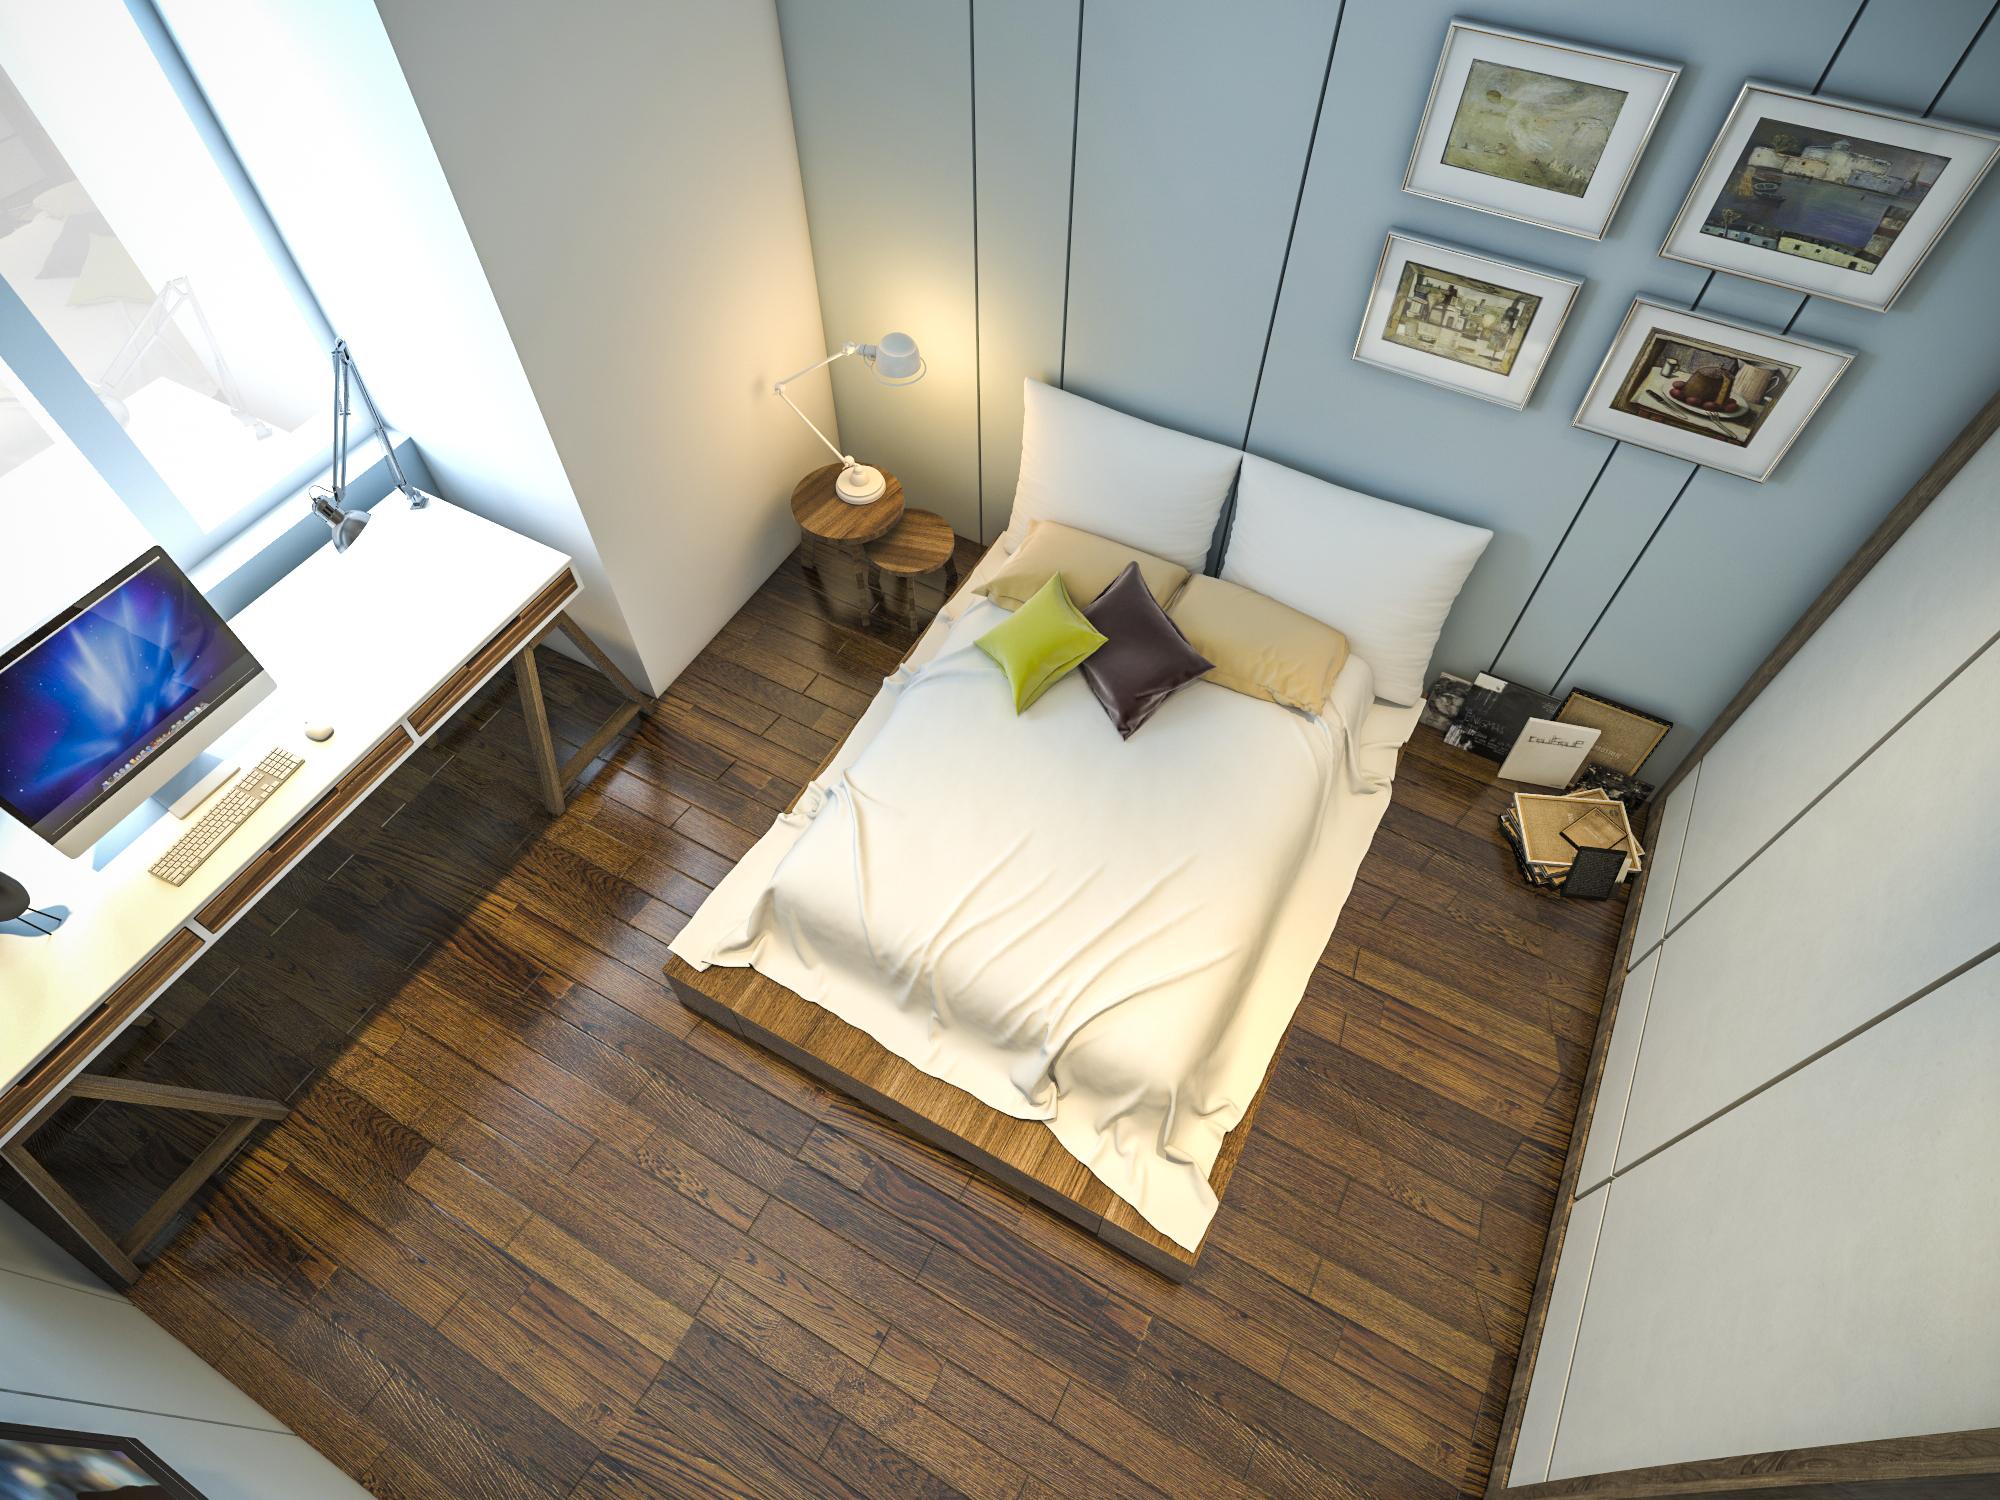 thiết kế nội thất chung cư tại Hồ Chí Minh Ms. Ly Apartment 23 1562574648